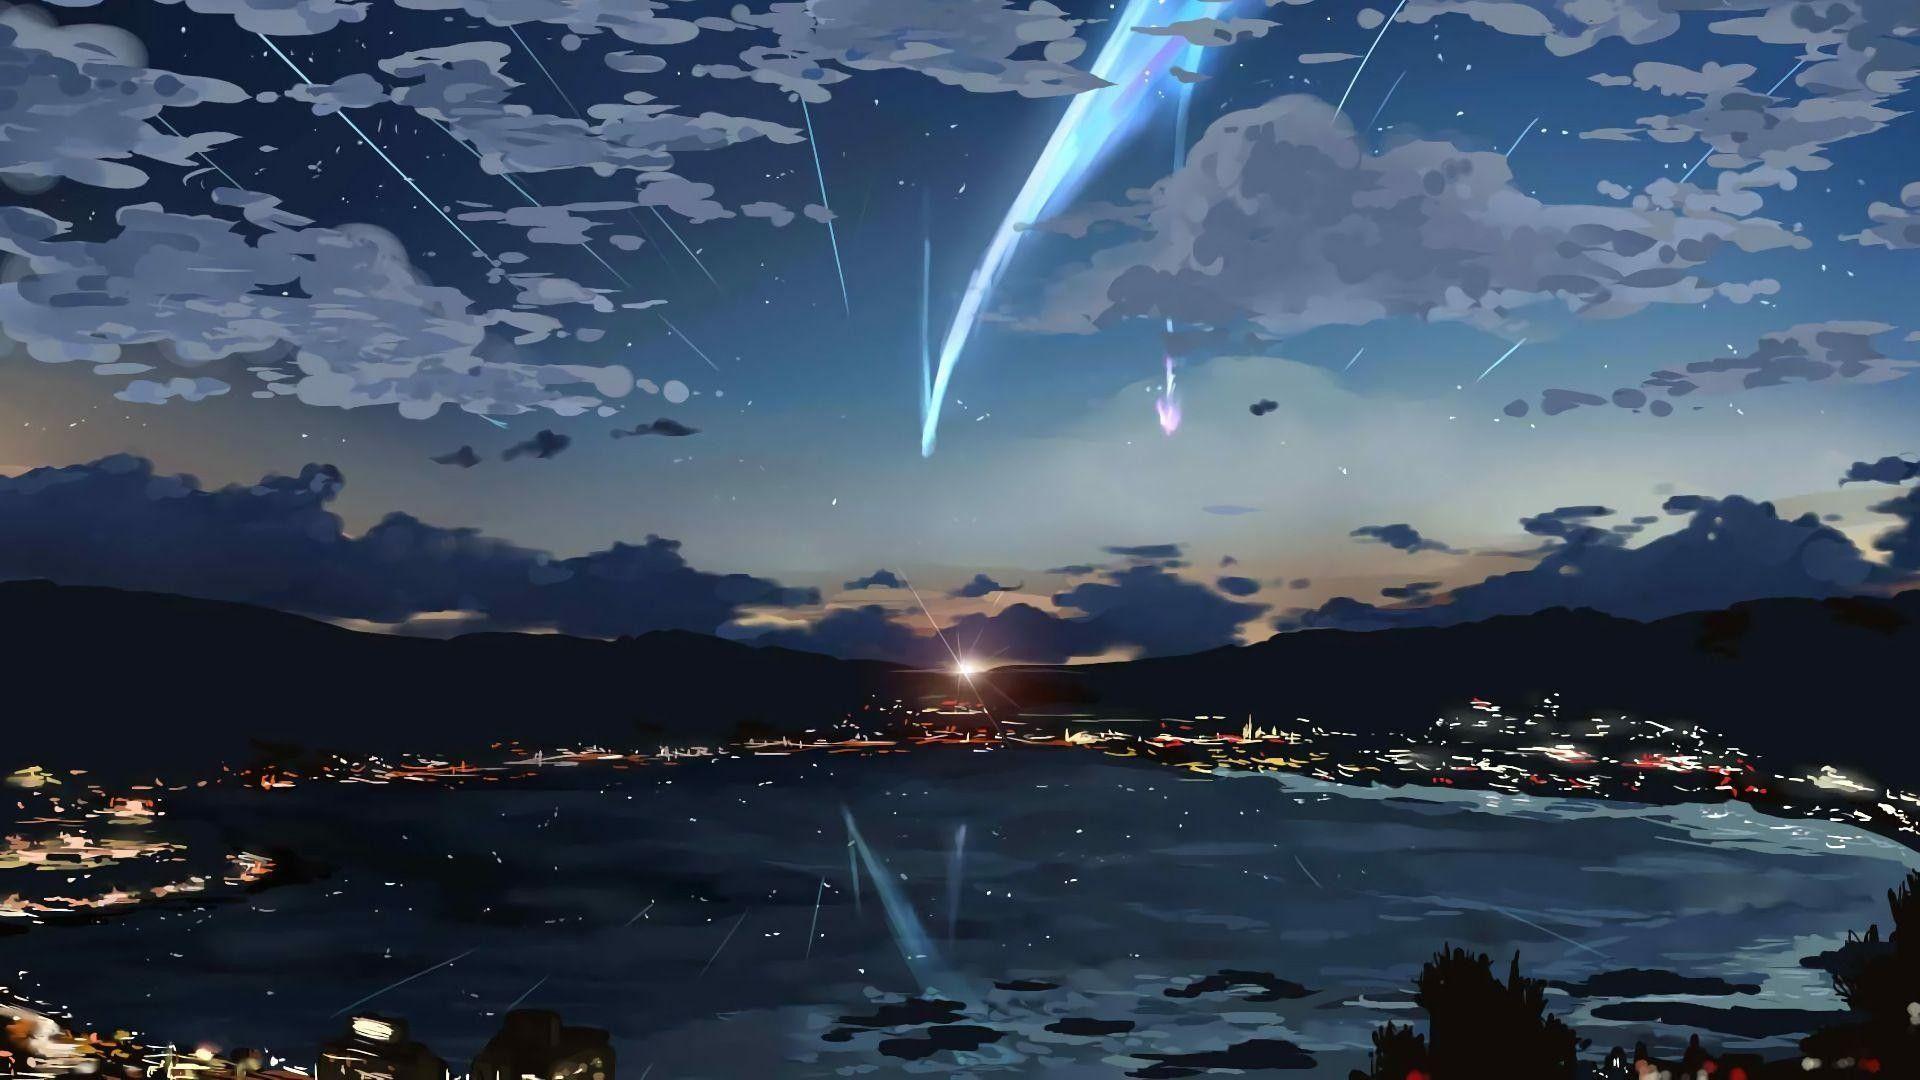 Lake Your Name Anime Wallpapers